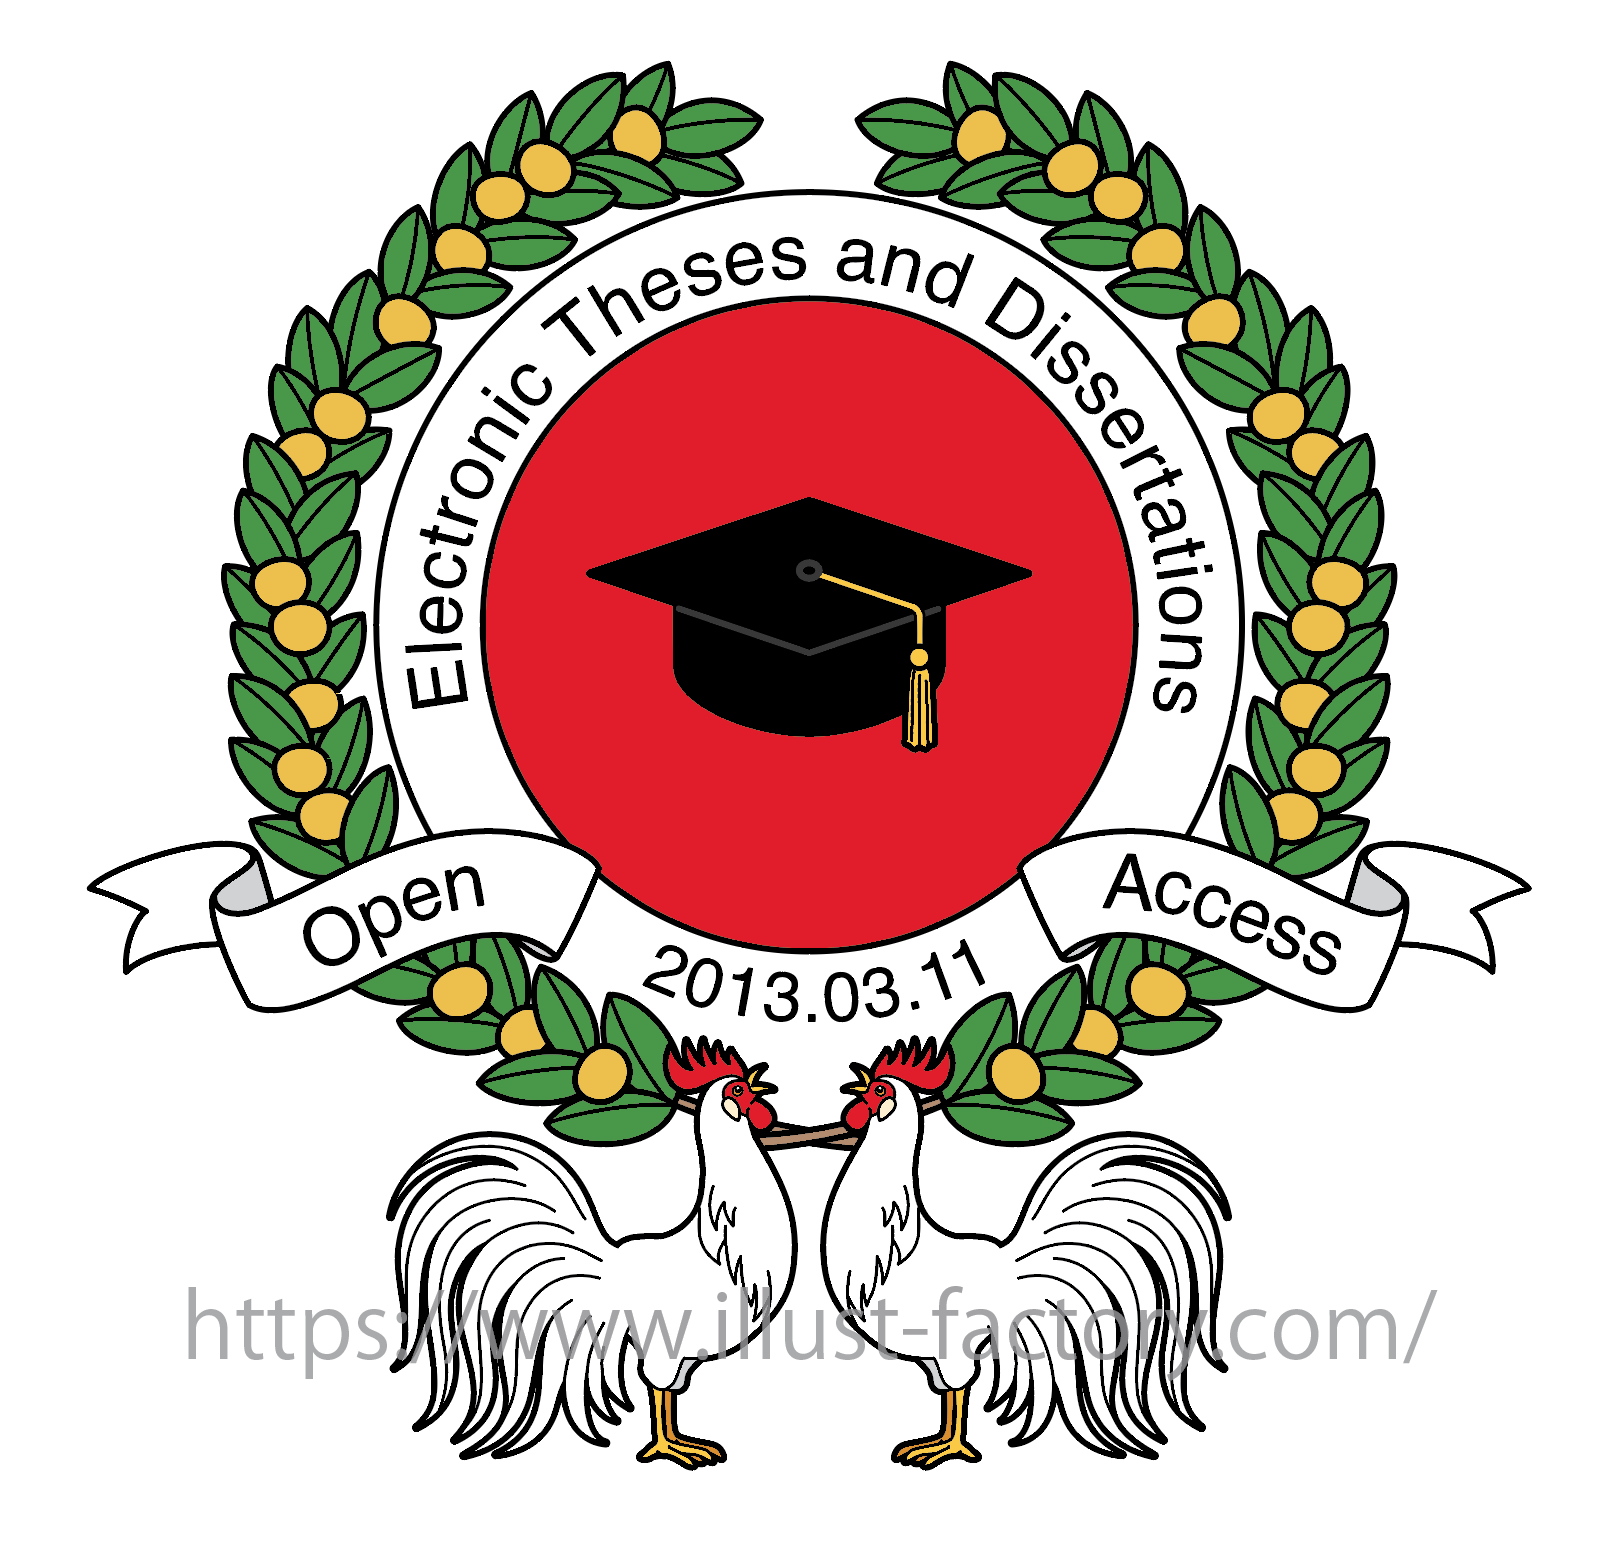 学会関係のロゴマーク制作★ニワトリと月桂樹をモチーフにしたデザイン